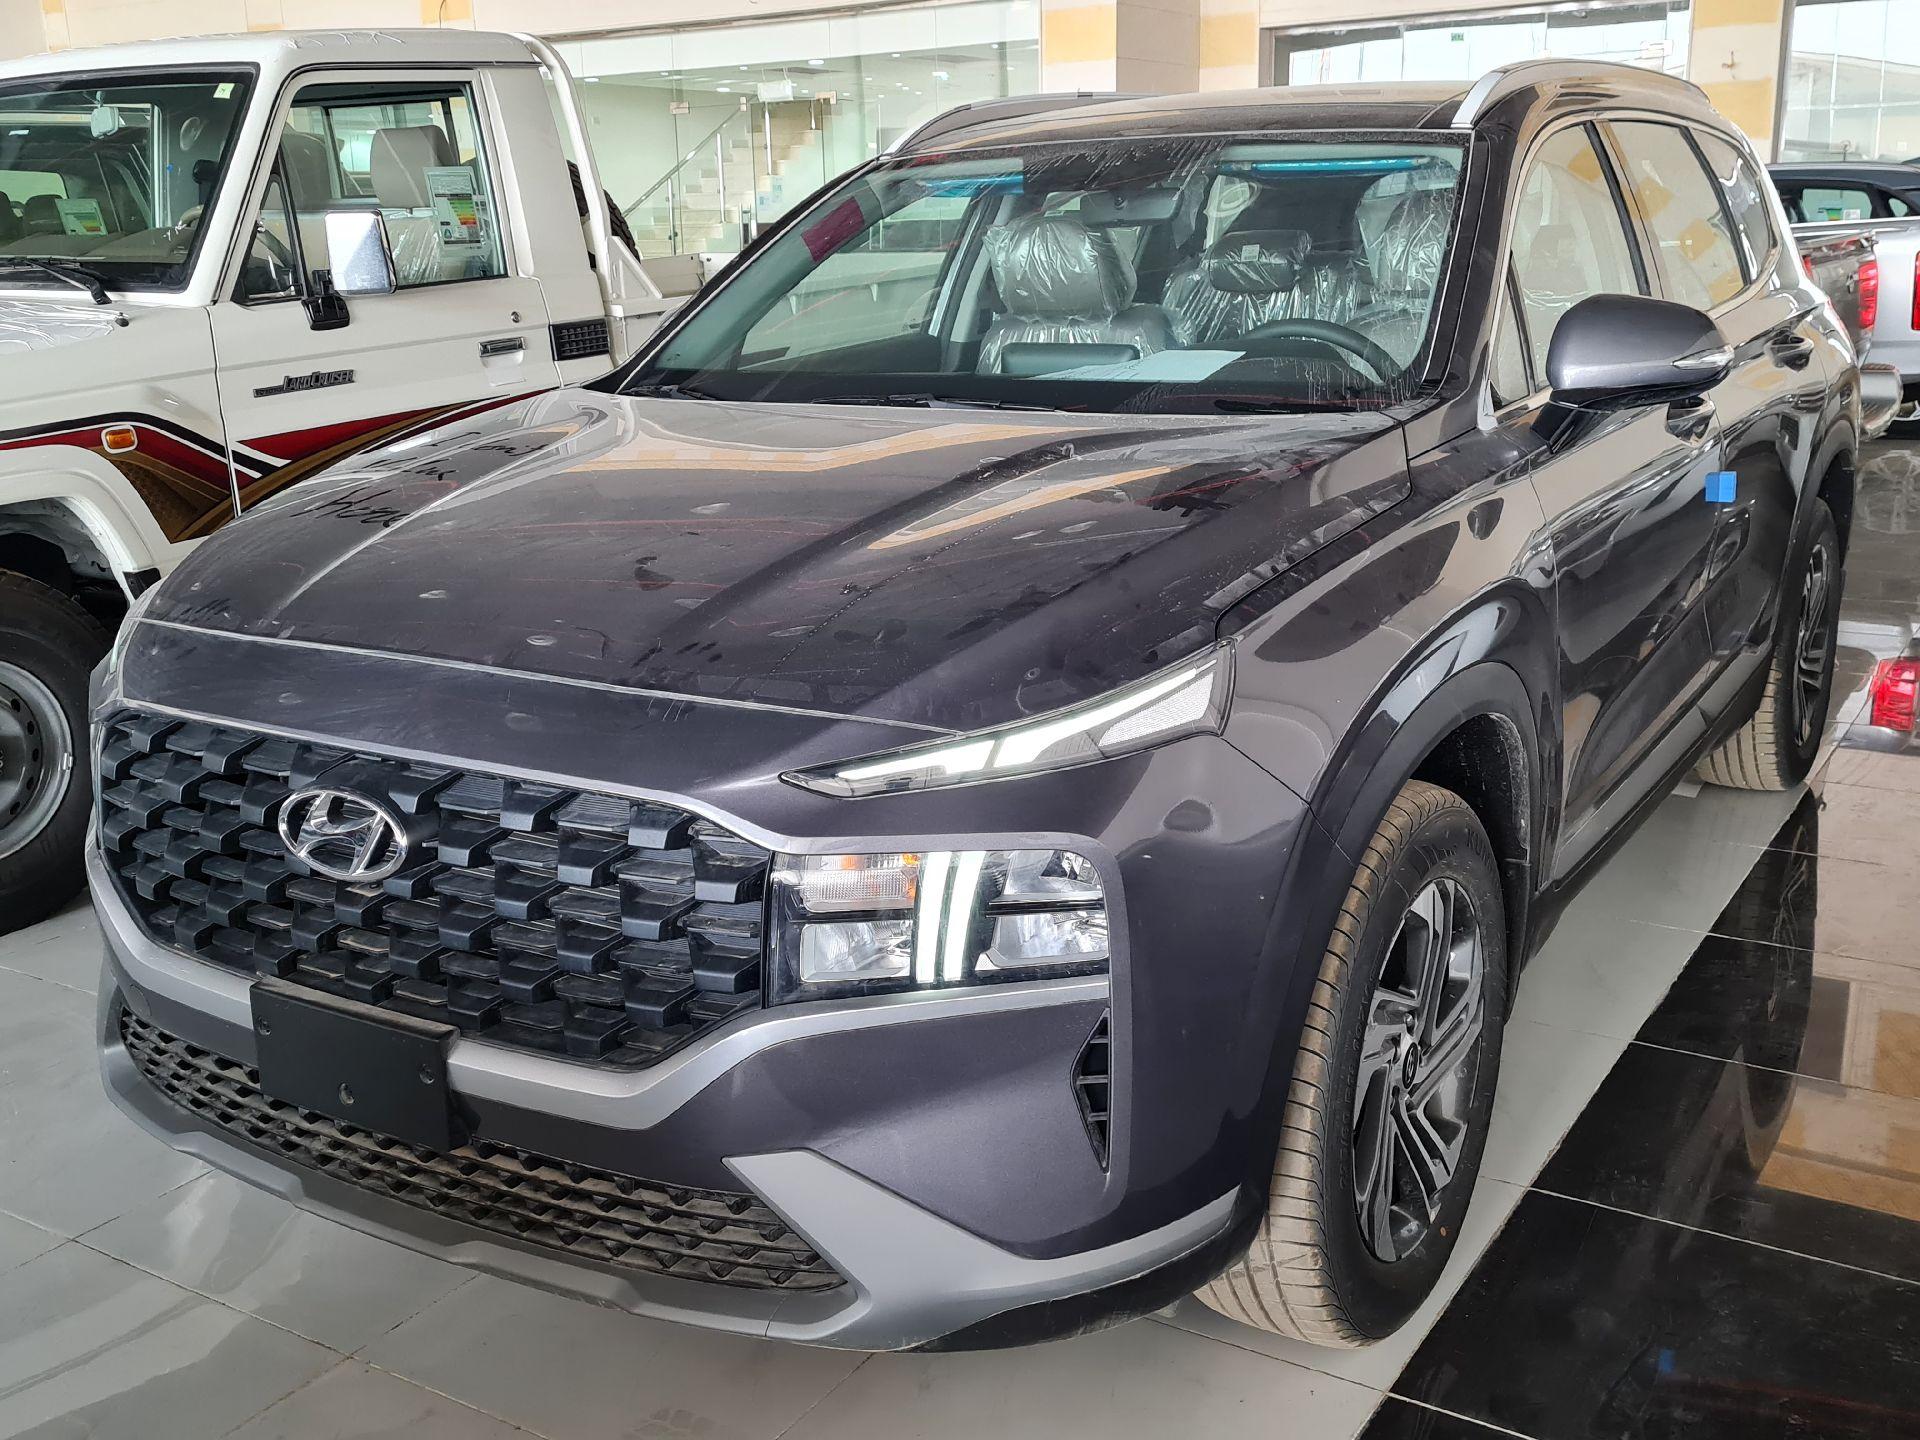 هونداي سنتافي Smart 2021 ستاندر سعودي للبيع في الرياض - السعودية - صورة كبيرة - 1